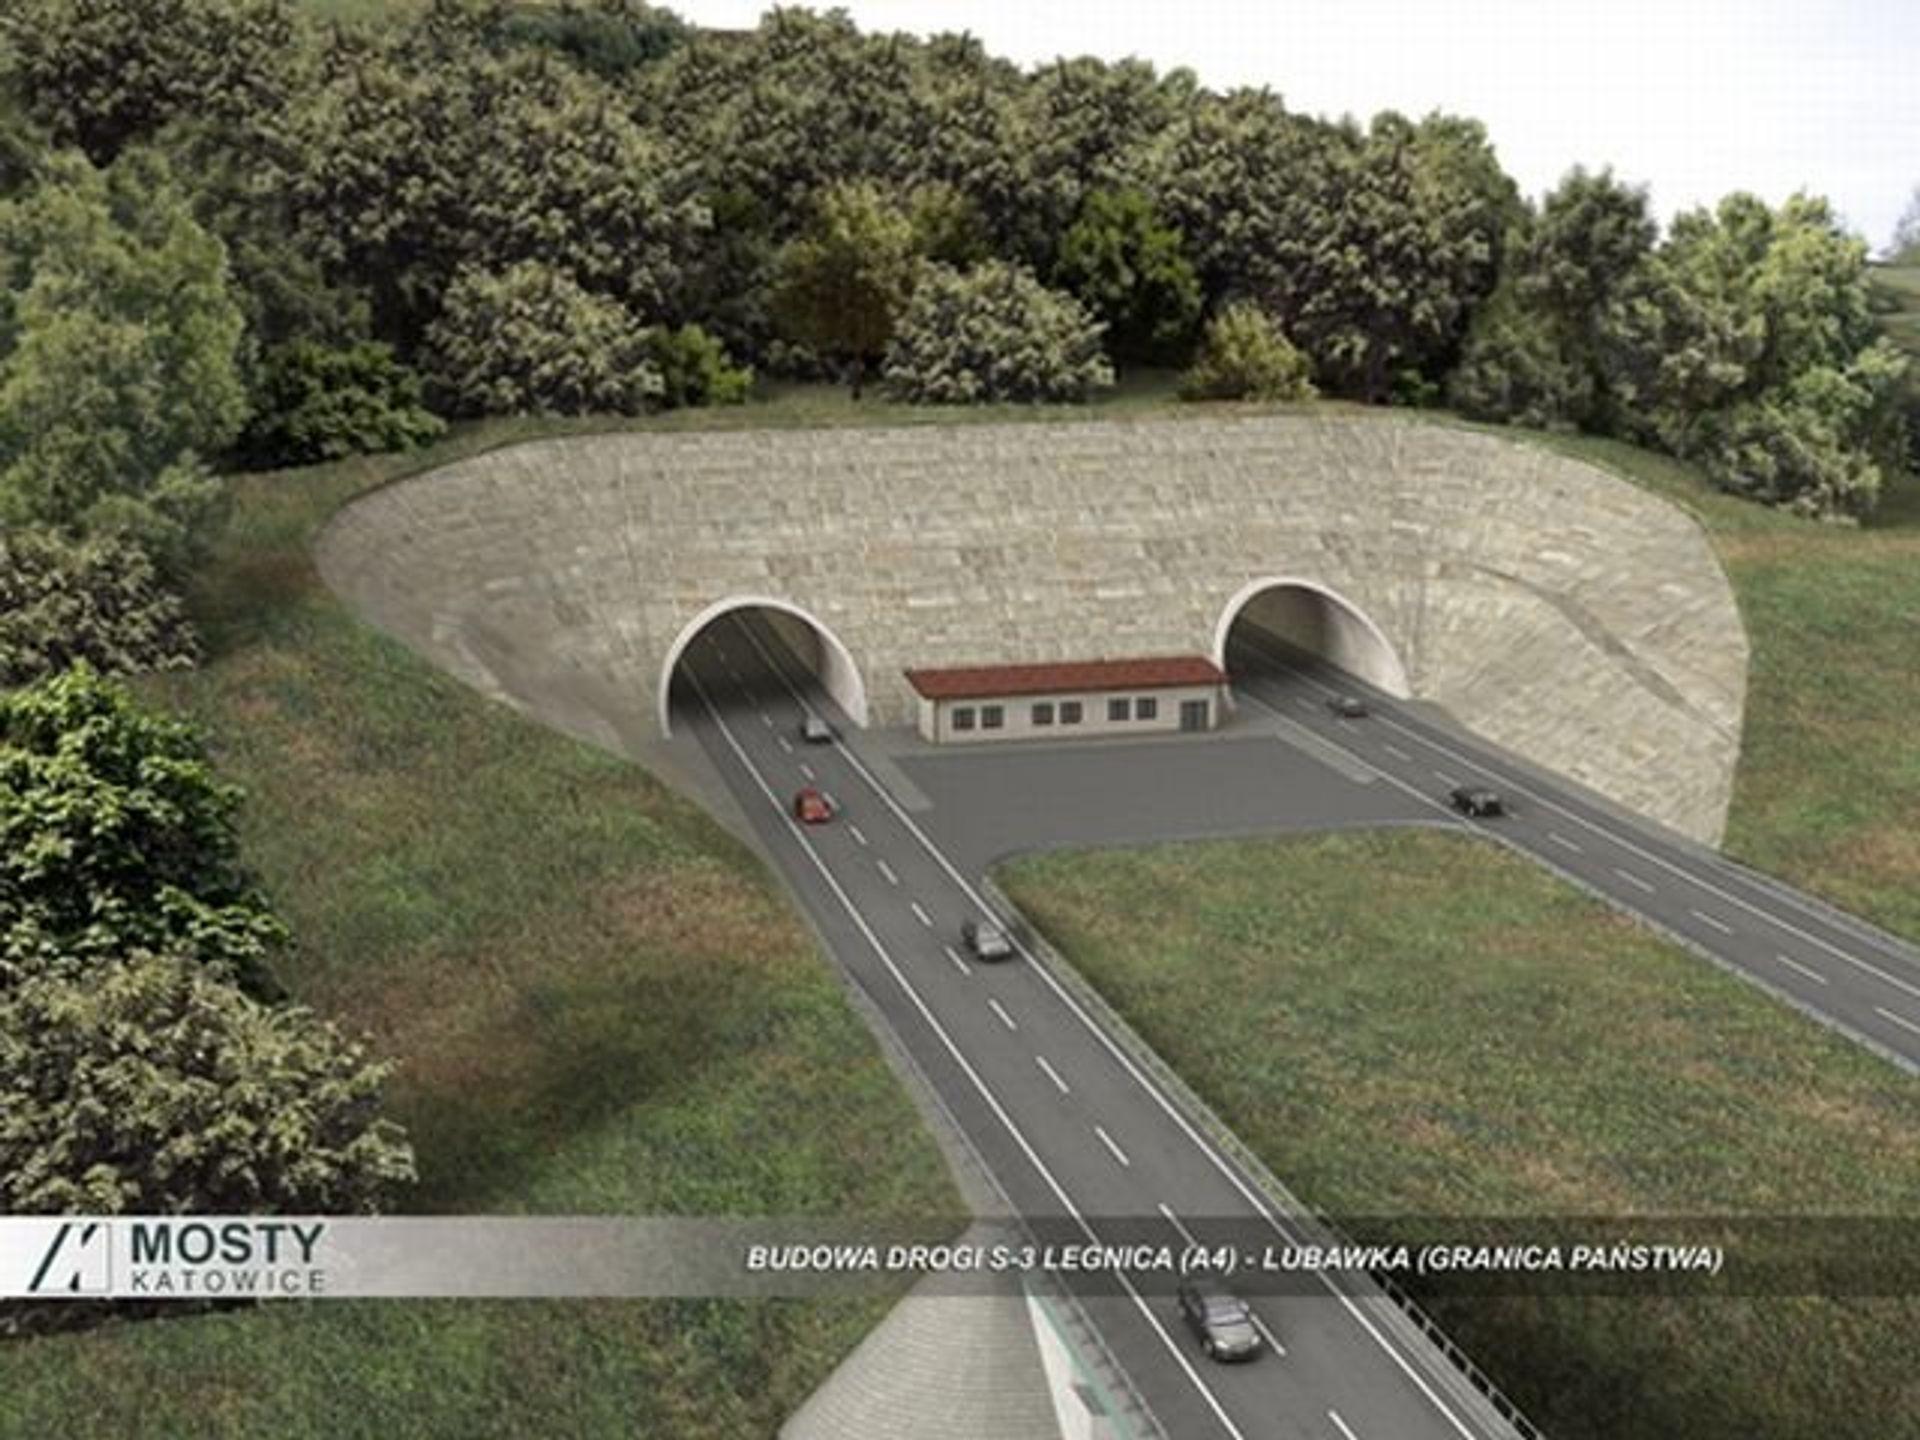 [dolnośląskie] Najdłuższy polski tunel drogowy ponad 10 razy krótszy niż światowy rekordzista